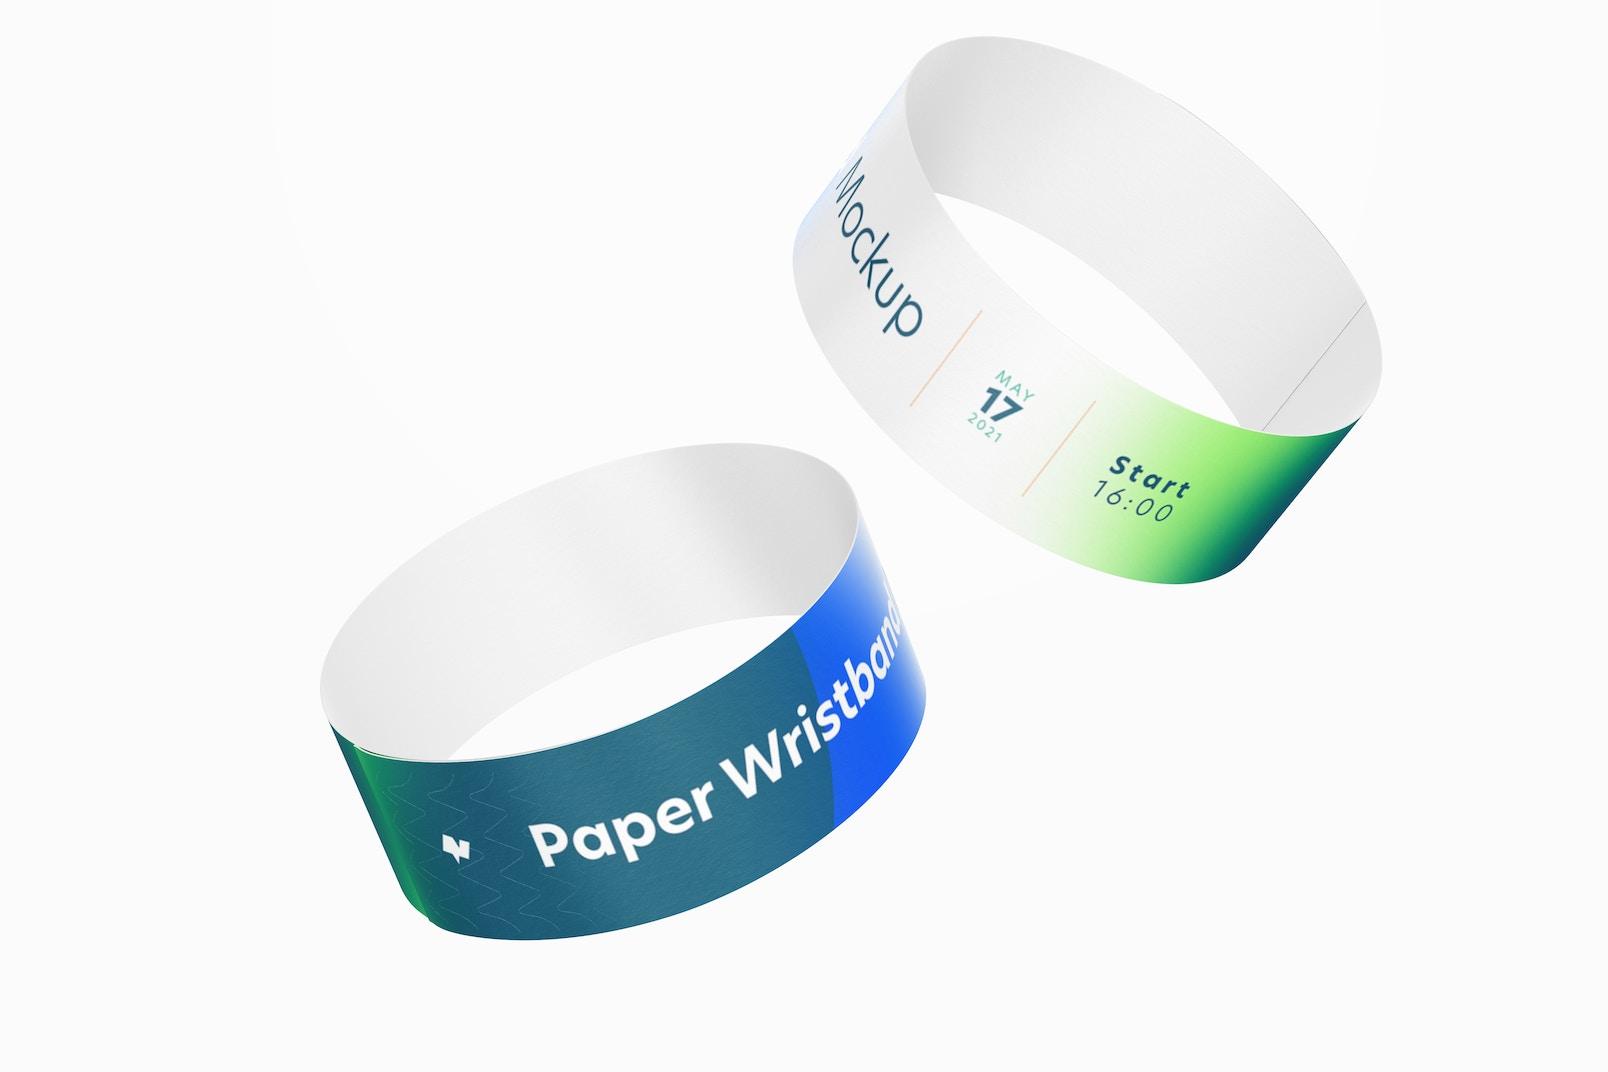 Paper Wristband Mockup, Falling